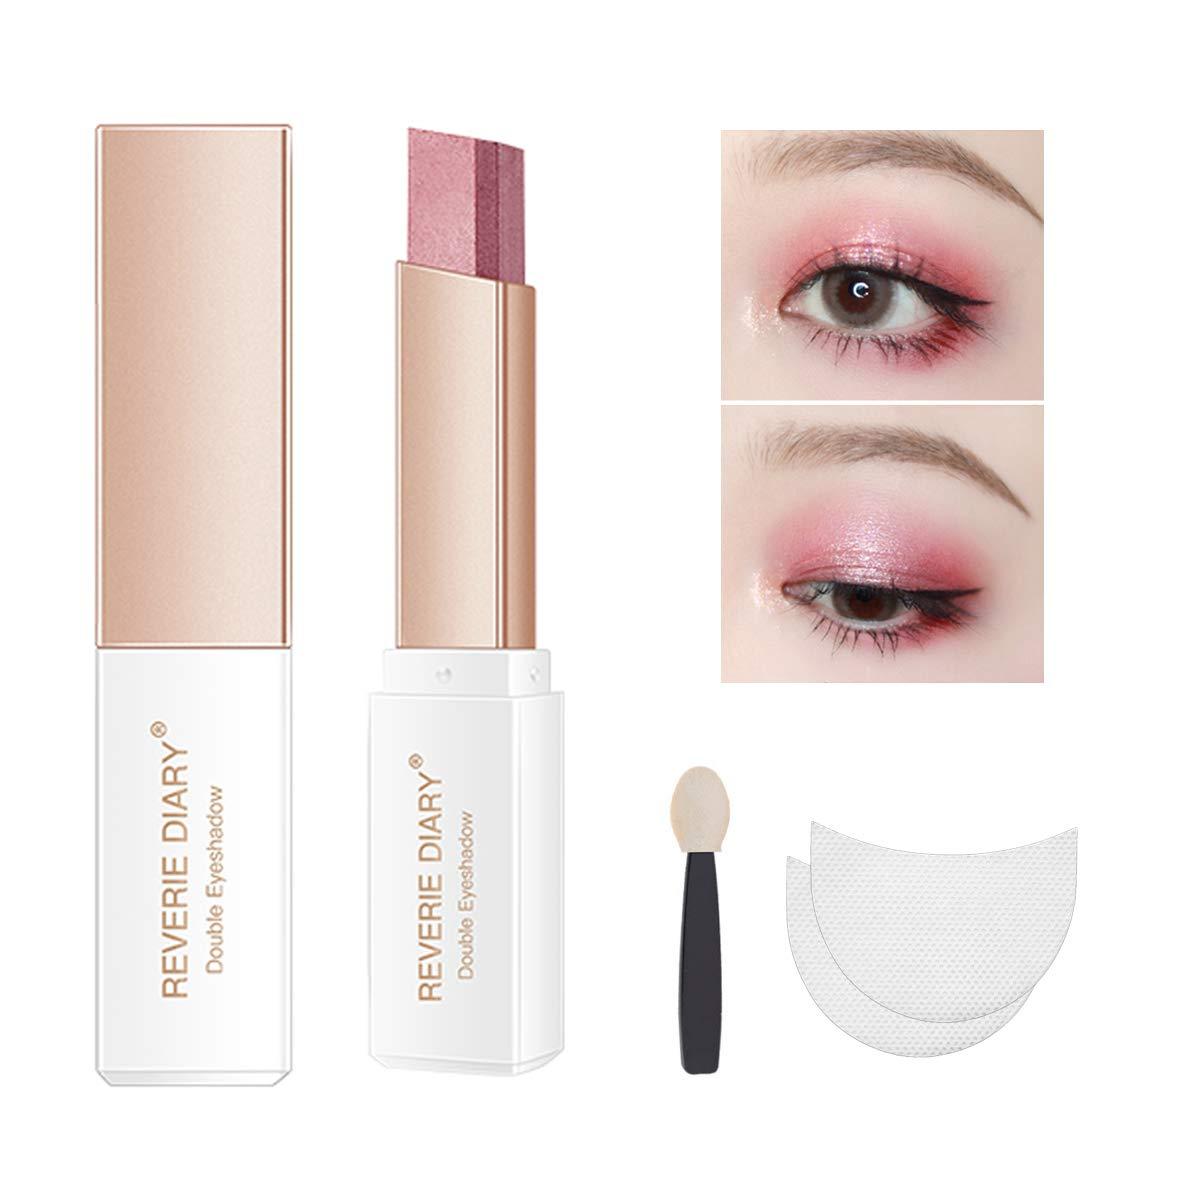 Three-piece eyeshadow stick eyeshadow prush eyeshadow sticker, eyeshadow stick two-color gradient glitter eye shadow pen rotating design, simple makeup, waterproof and not Blooming(PinkRose)